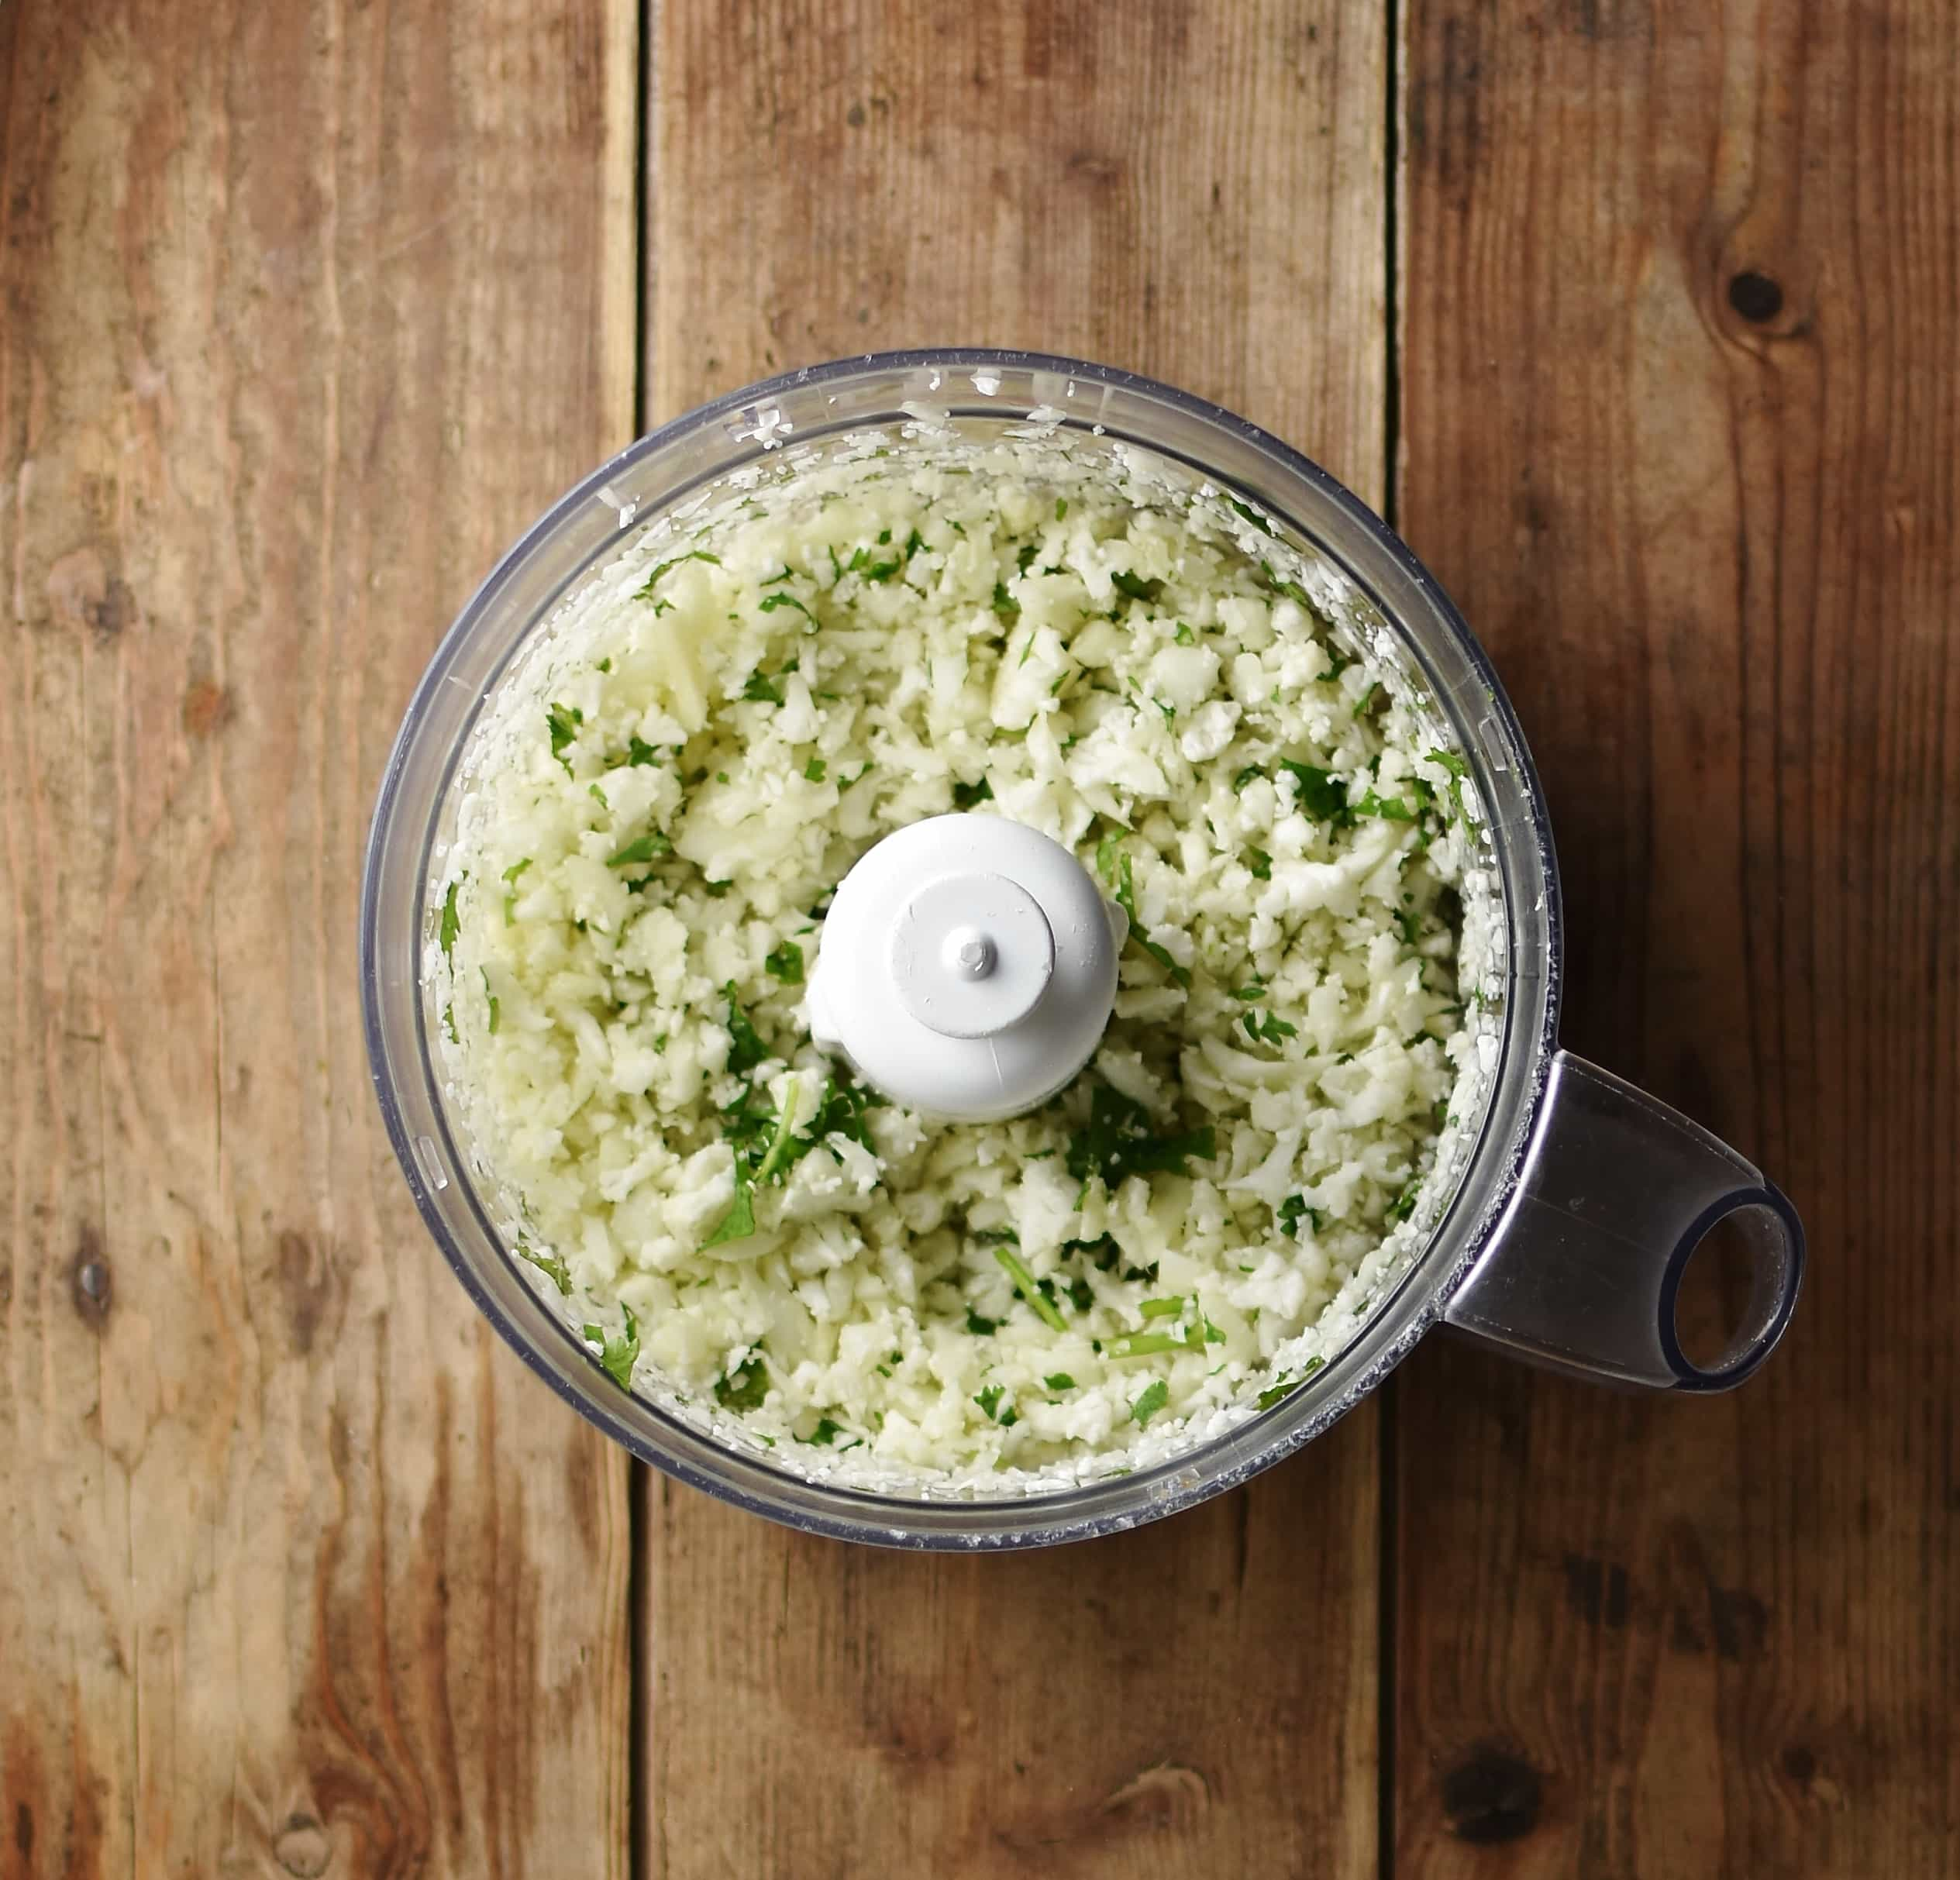 Cauliflower rice mixture in blender.